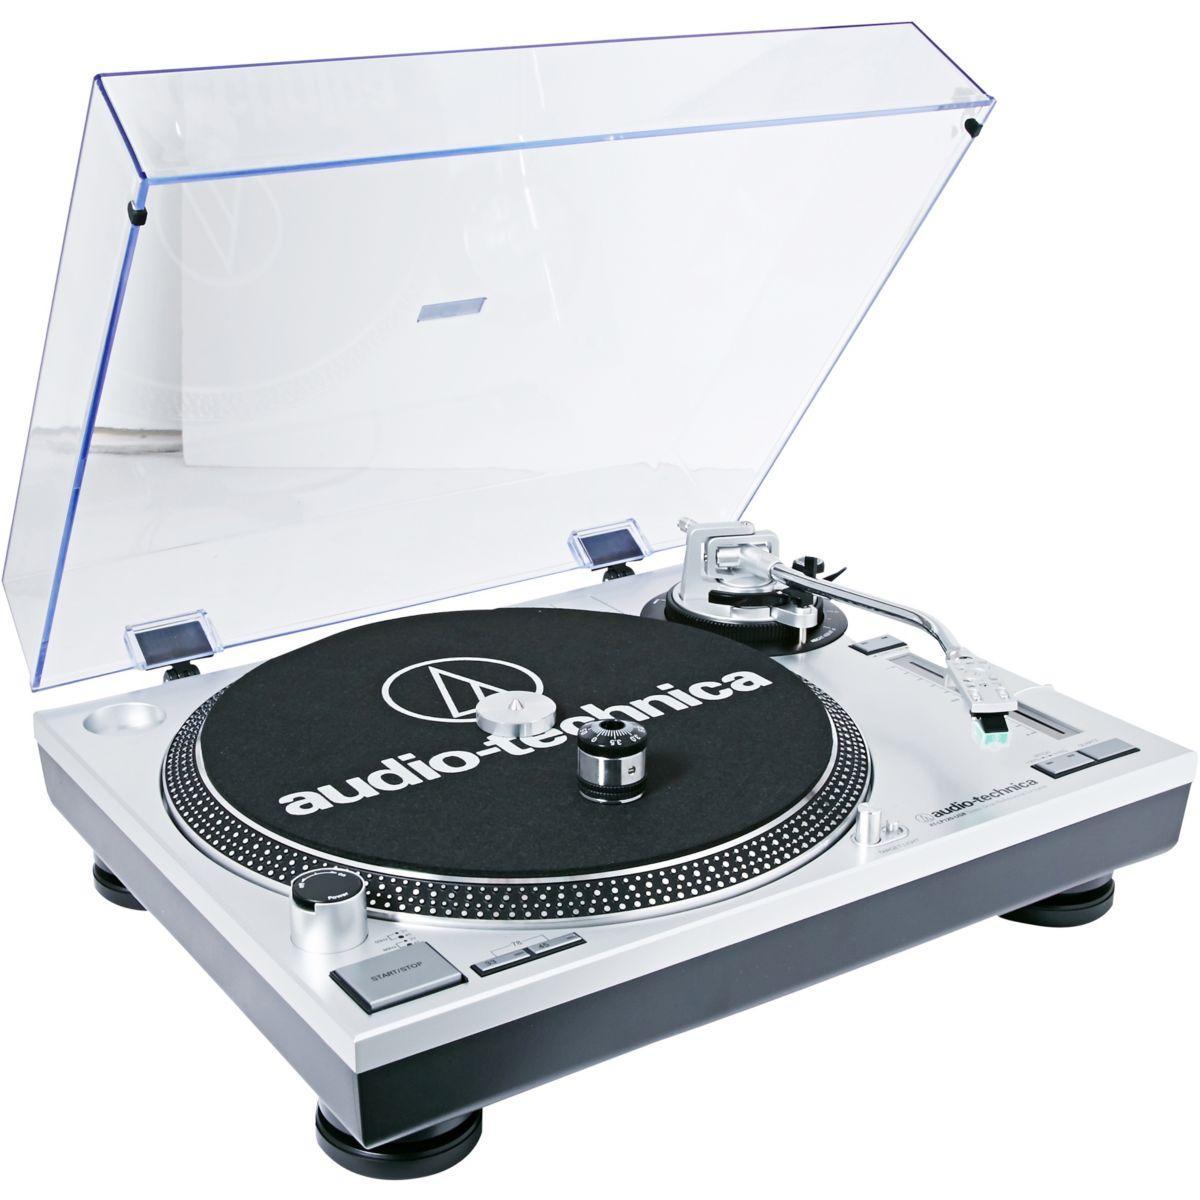 Platine vinyle usb audio-technica at-lp120usbhc - livraison offerte : code livpremium